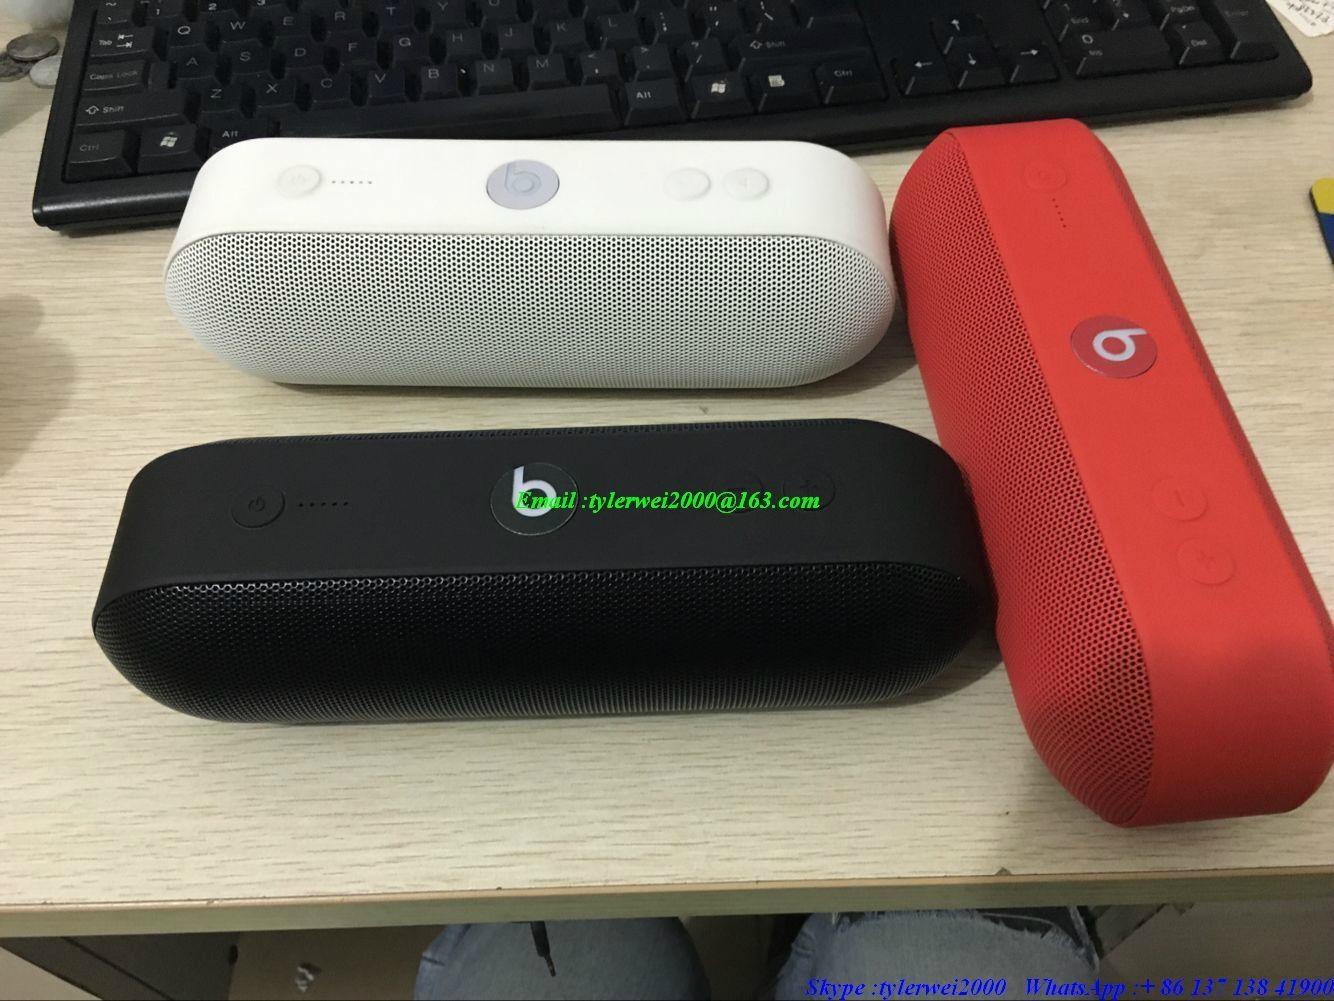 Beats Pill+ Wireless Bluetooth Speaker Beats by dr.dre Portable Wireless Speaker 20